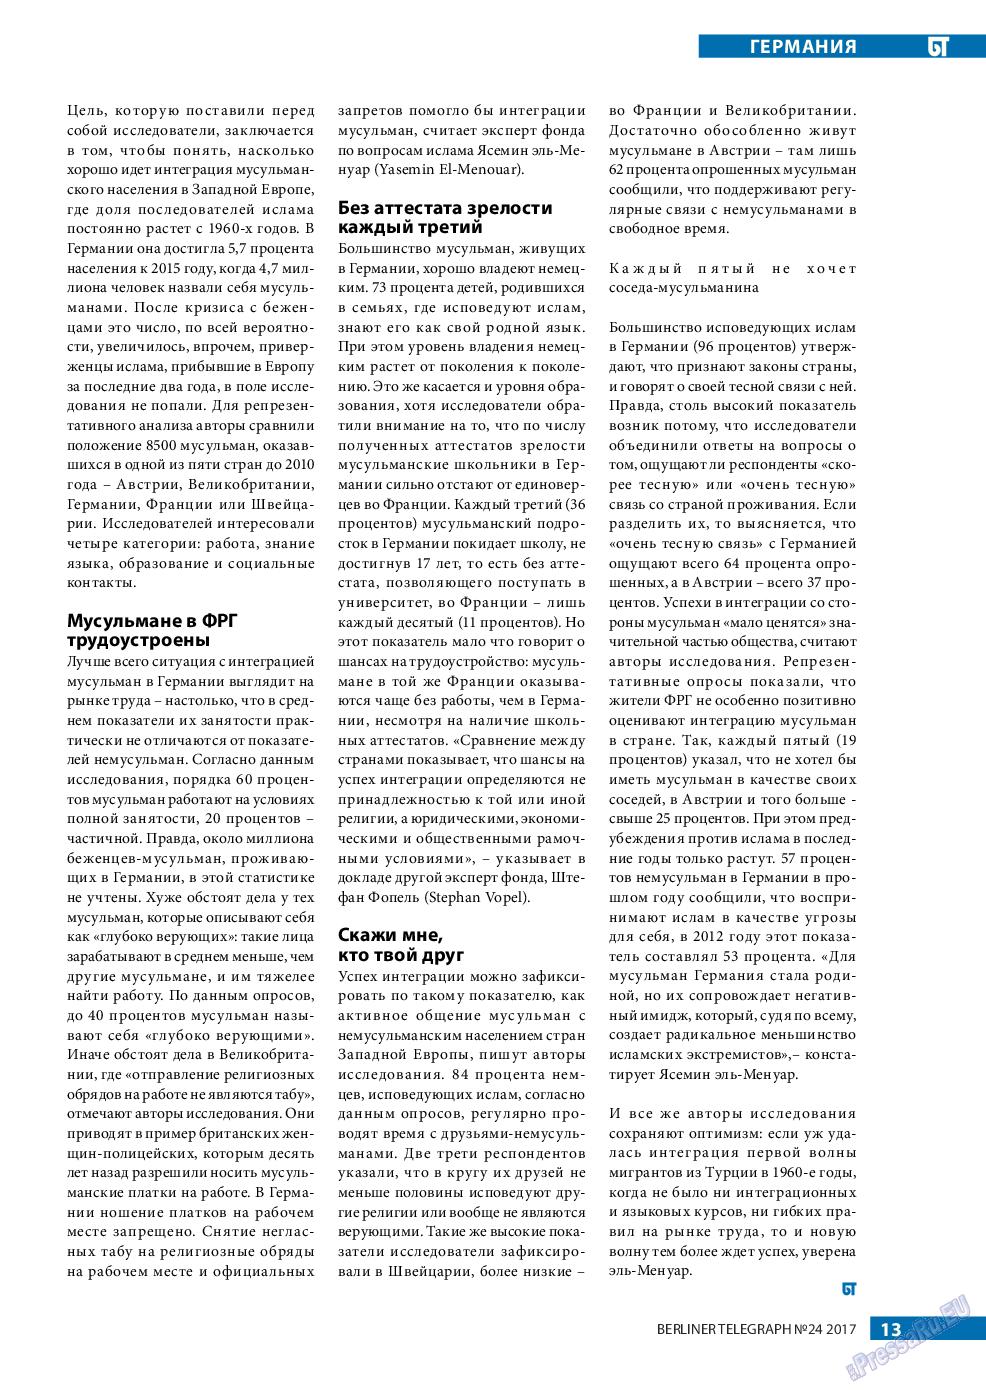 Берлинский телеграф (журнал). 2017 год, номер 24, стр. 13